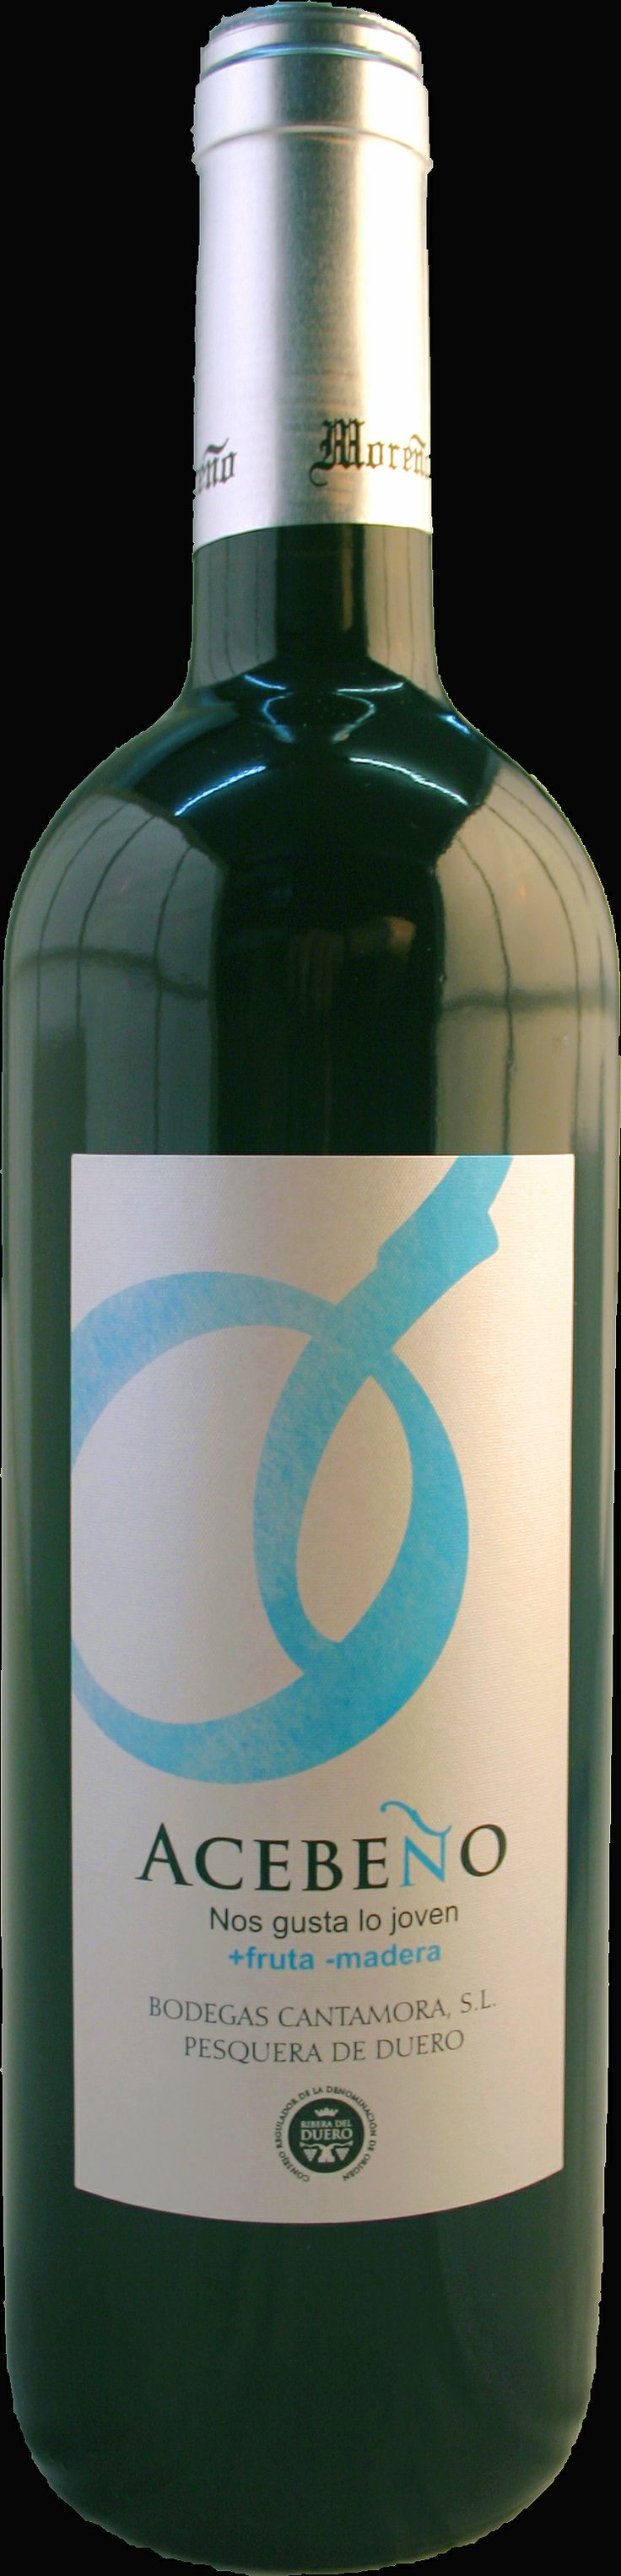 Vino tinto joven barrica, D.O. Ribera de Duero. Pesquera de Duero, Acebeño. Servimos en cajas de 6 botellas, 3/4 .